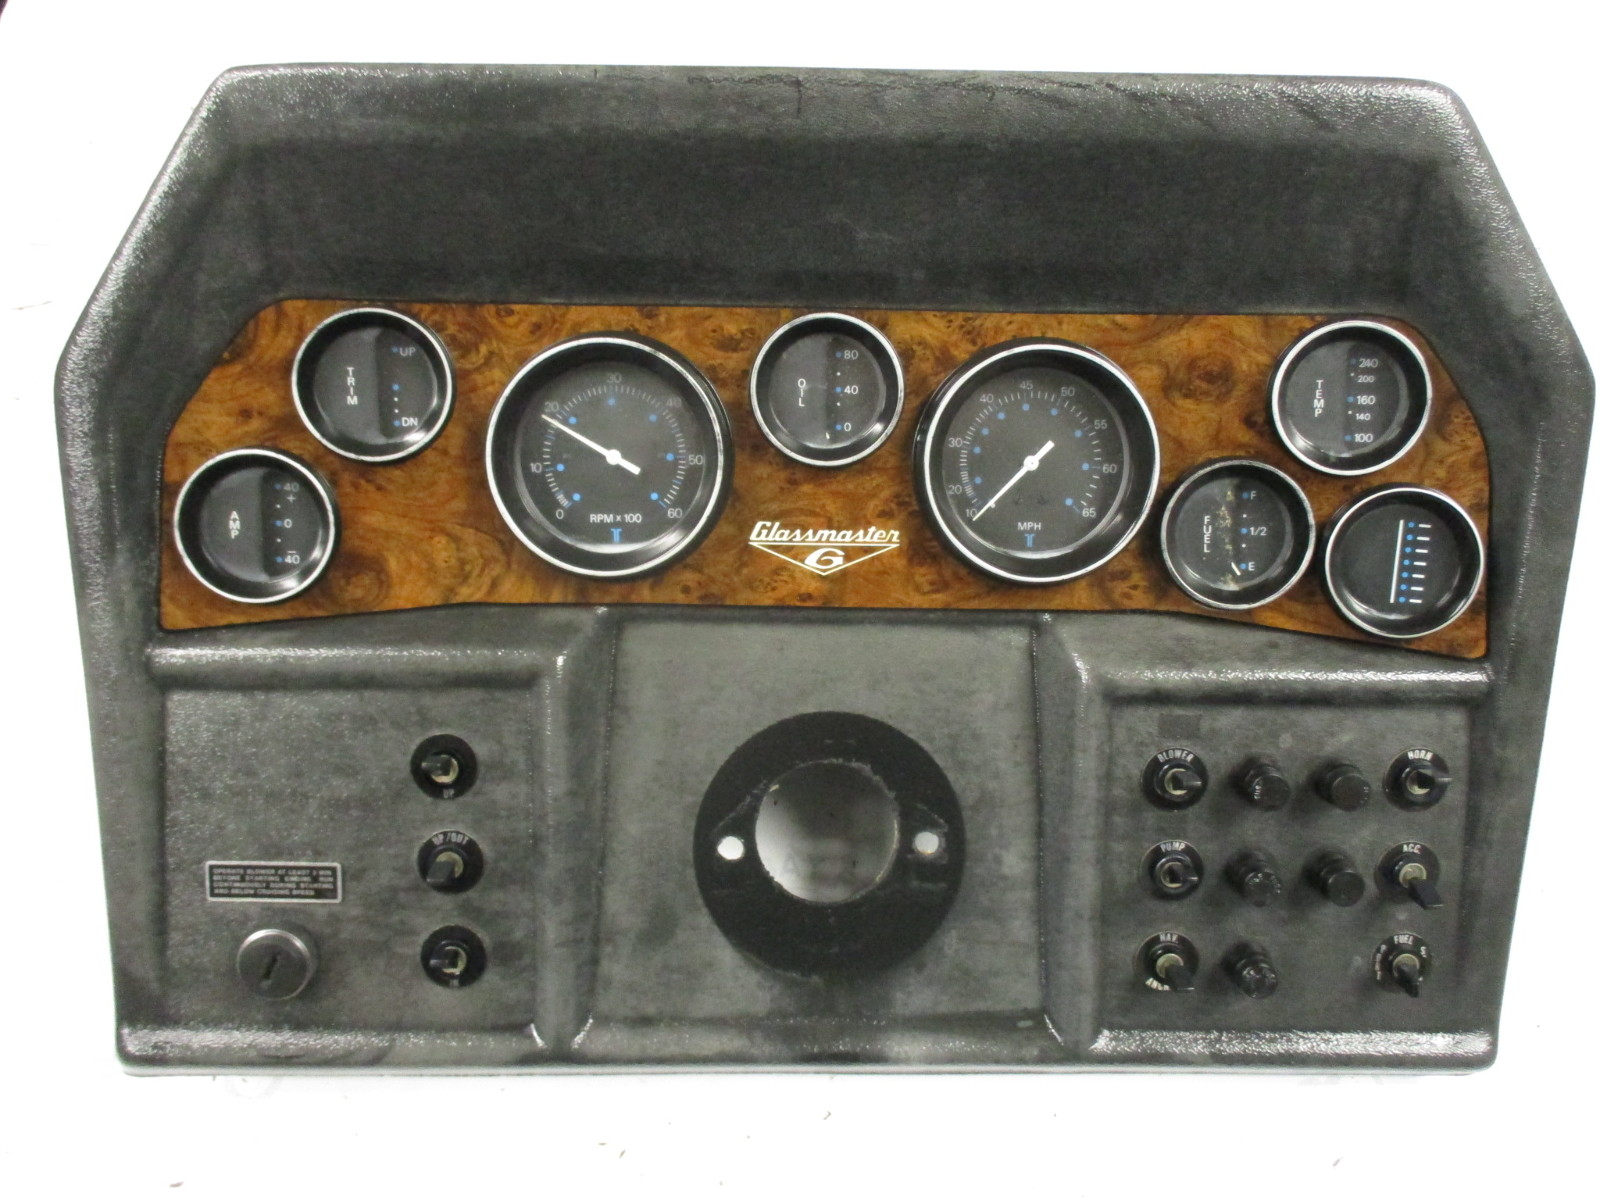 Boat Instrument Panel : Glassmaster boat dash panel instrument cluster gauges